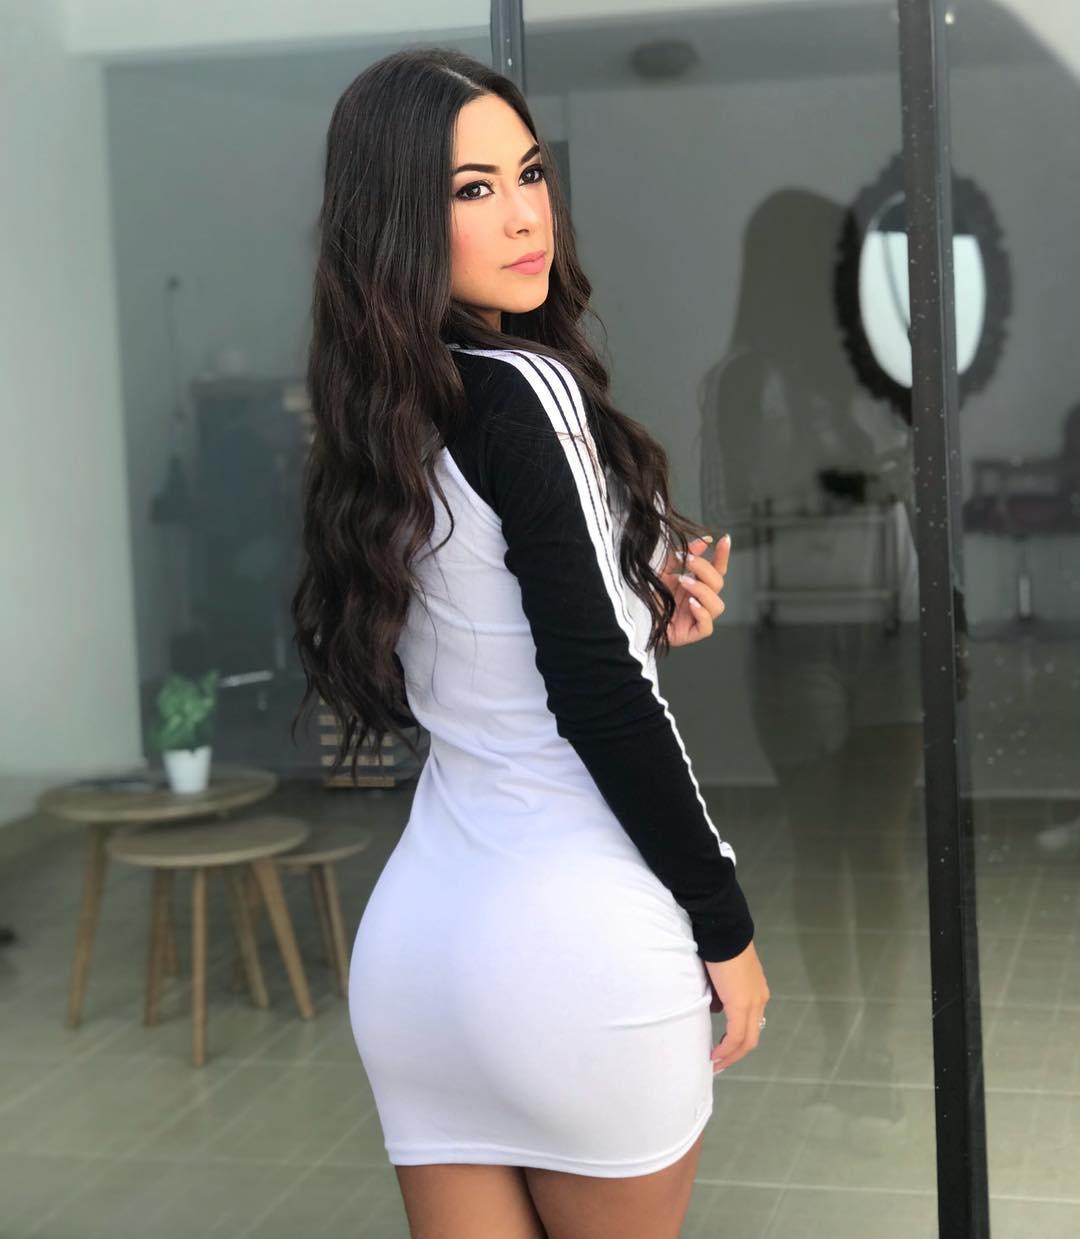 Valeria-Vasquez-Wallpapers-Insta-Fit-Bio-4